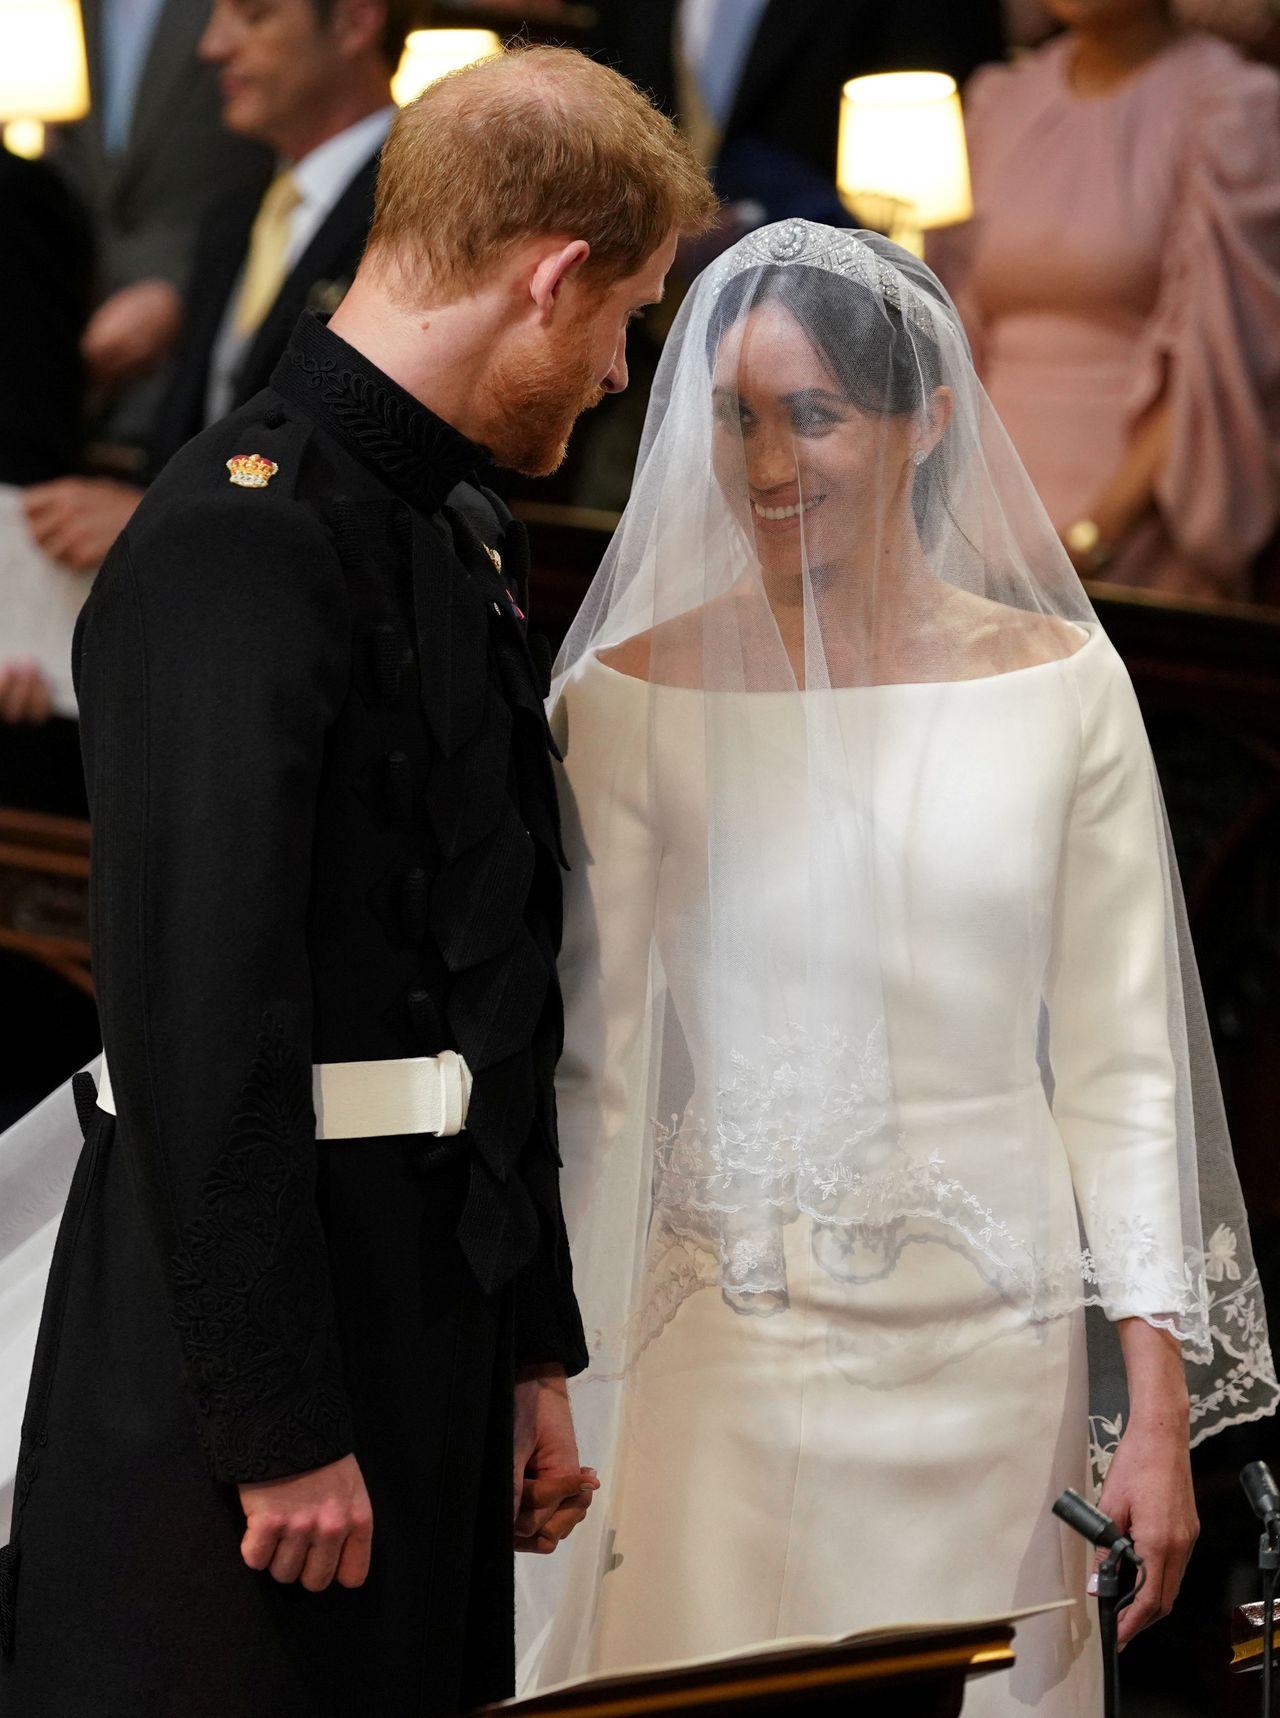 Księżna Meghan cierpi, bo nie może okazywać mężowi uczuć